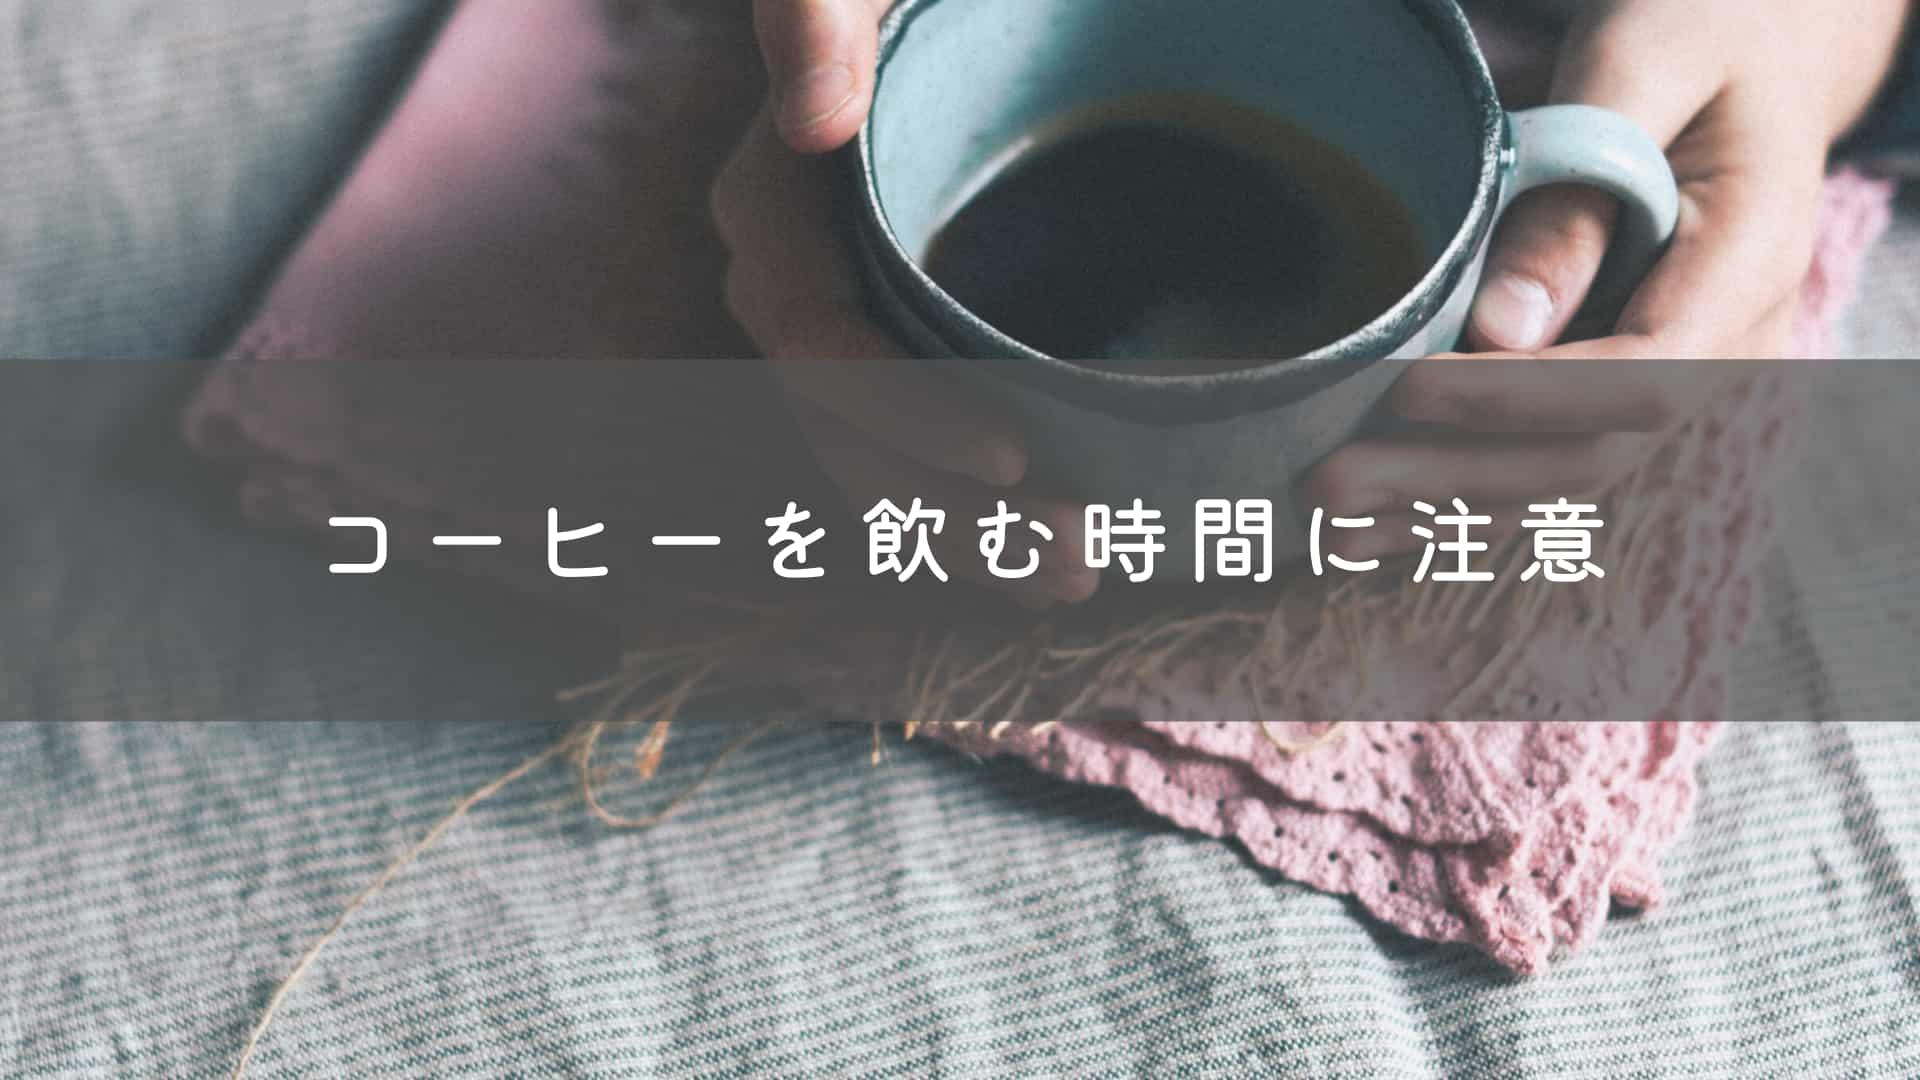 【要注意】朝コーヒーは悪い習慣⁈コーヒーを飲む最適な時間とは